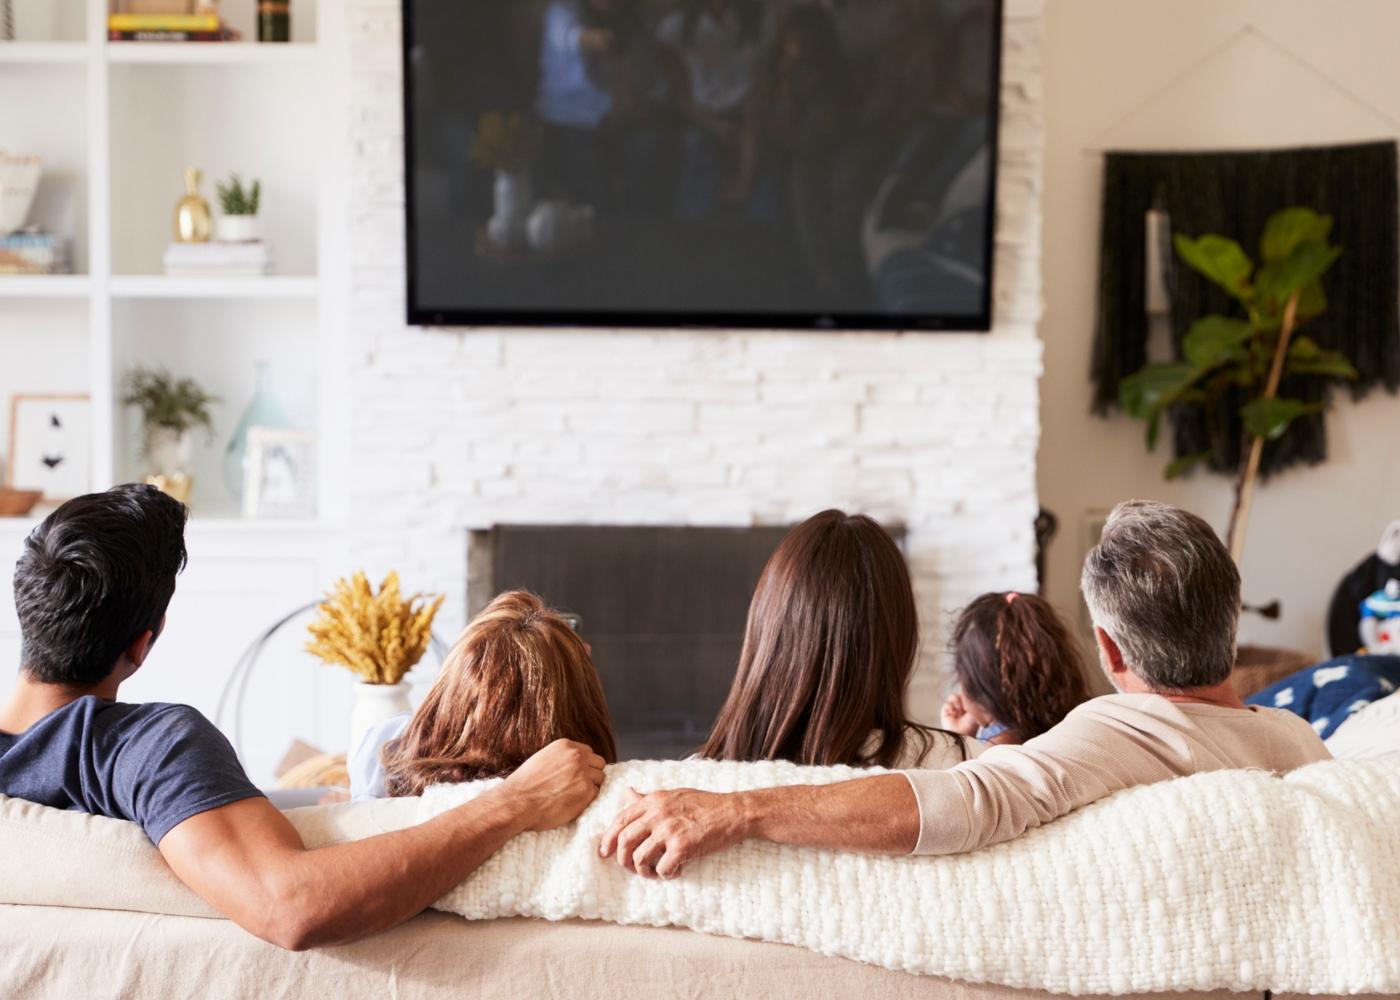 Como lidar com um adolescente em quarentena: família numa sessão de cinema em casa